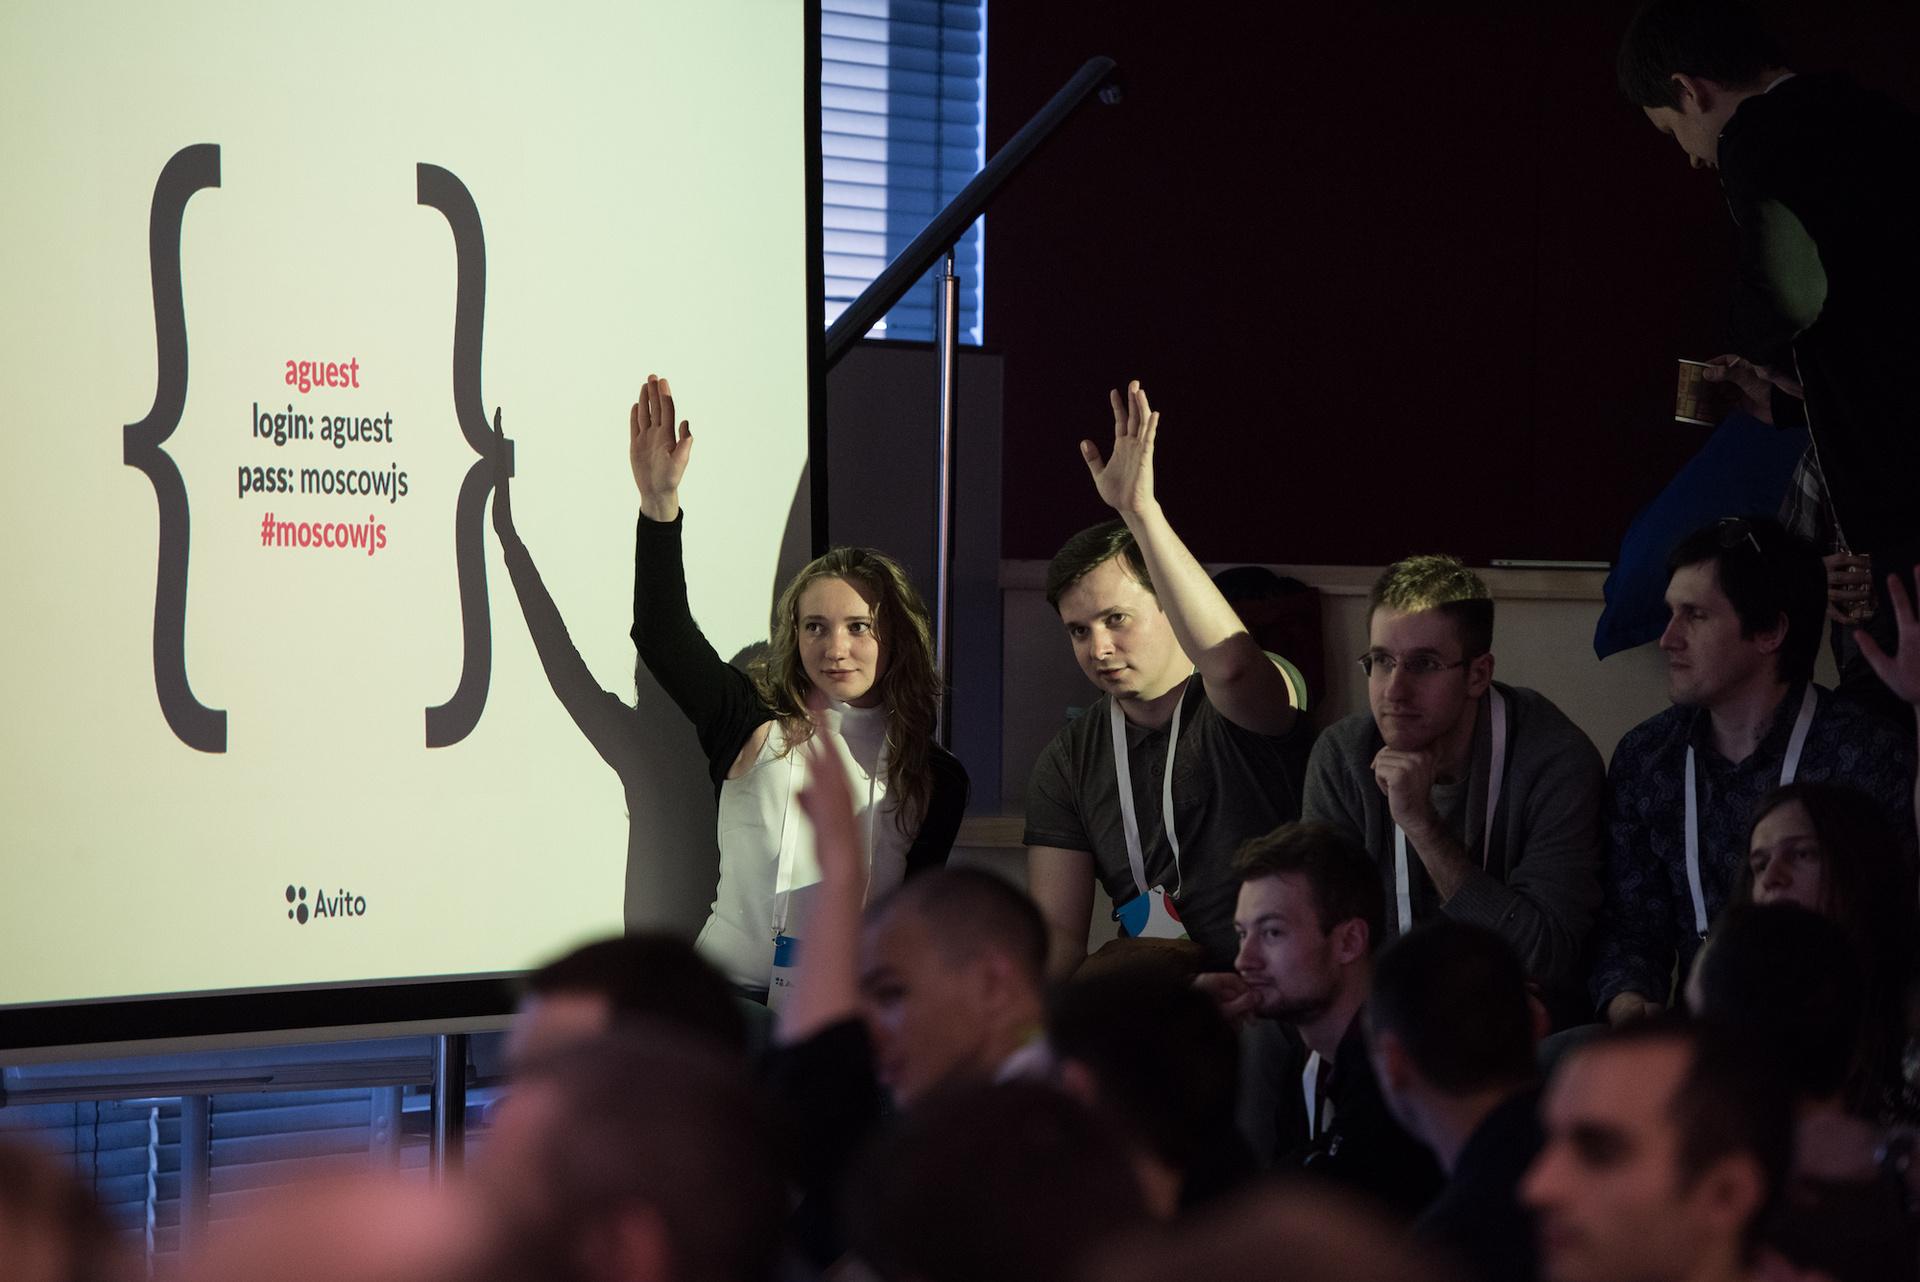 Must see: видеозаписи митапа MoscowJS 37